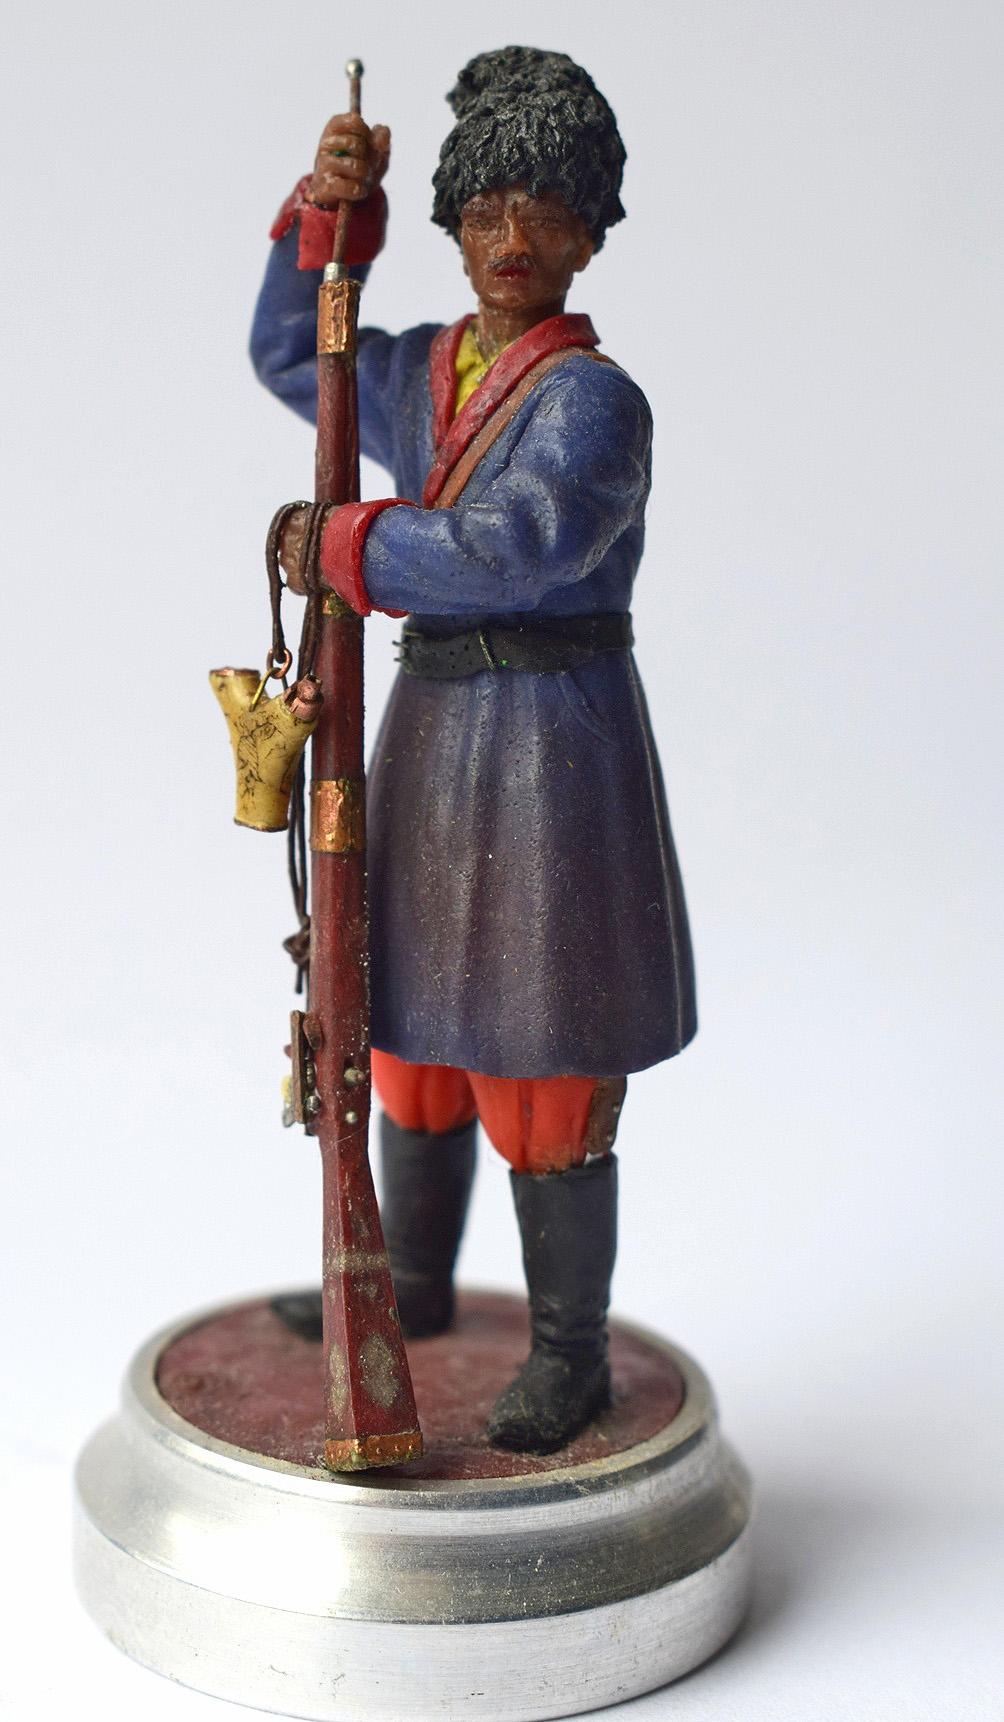 """Історична мініатюра. """"Запорізький козак, що заряджає яничарку. XVIІ-XVIII ст."""""""